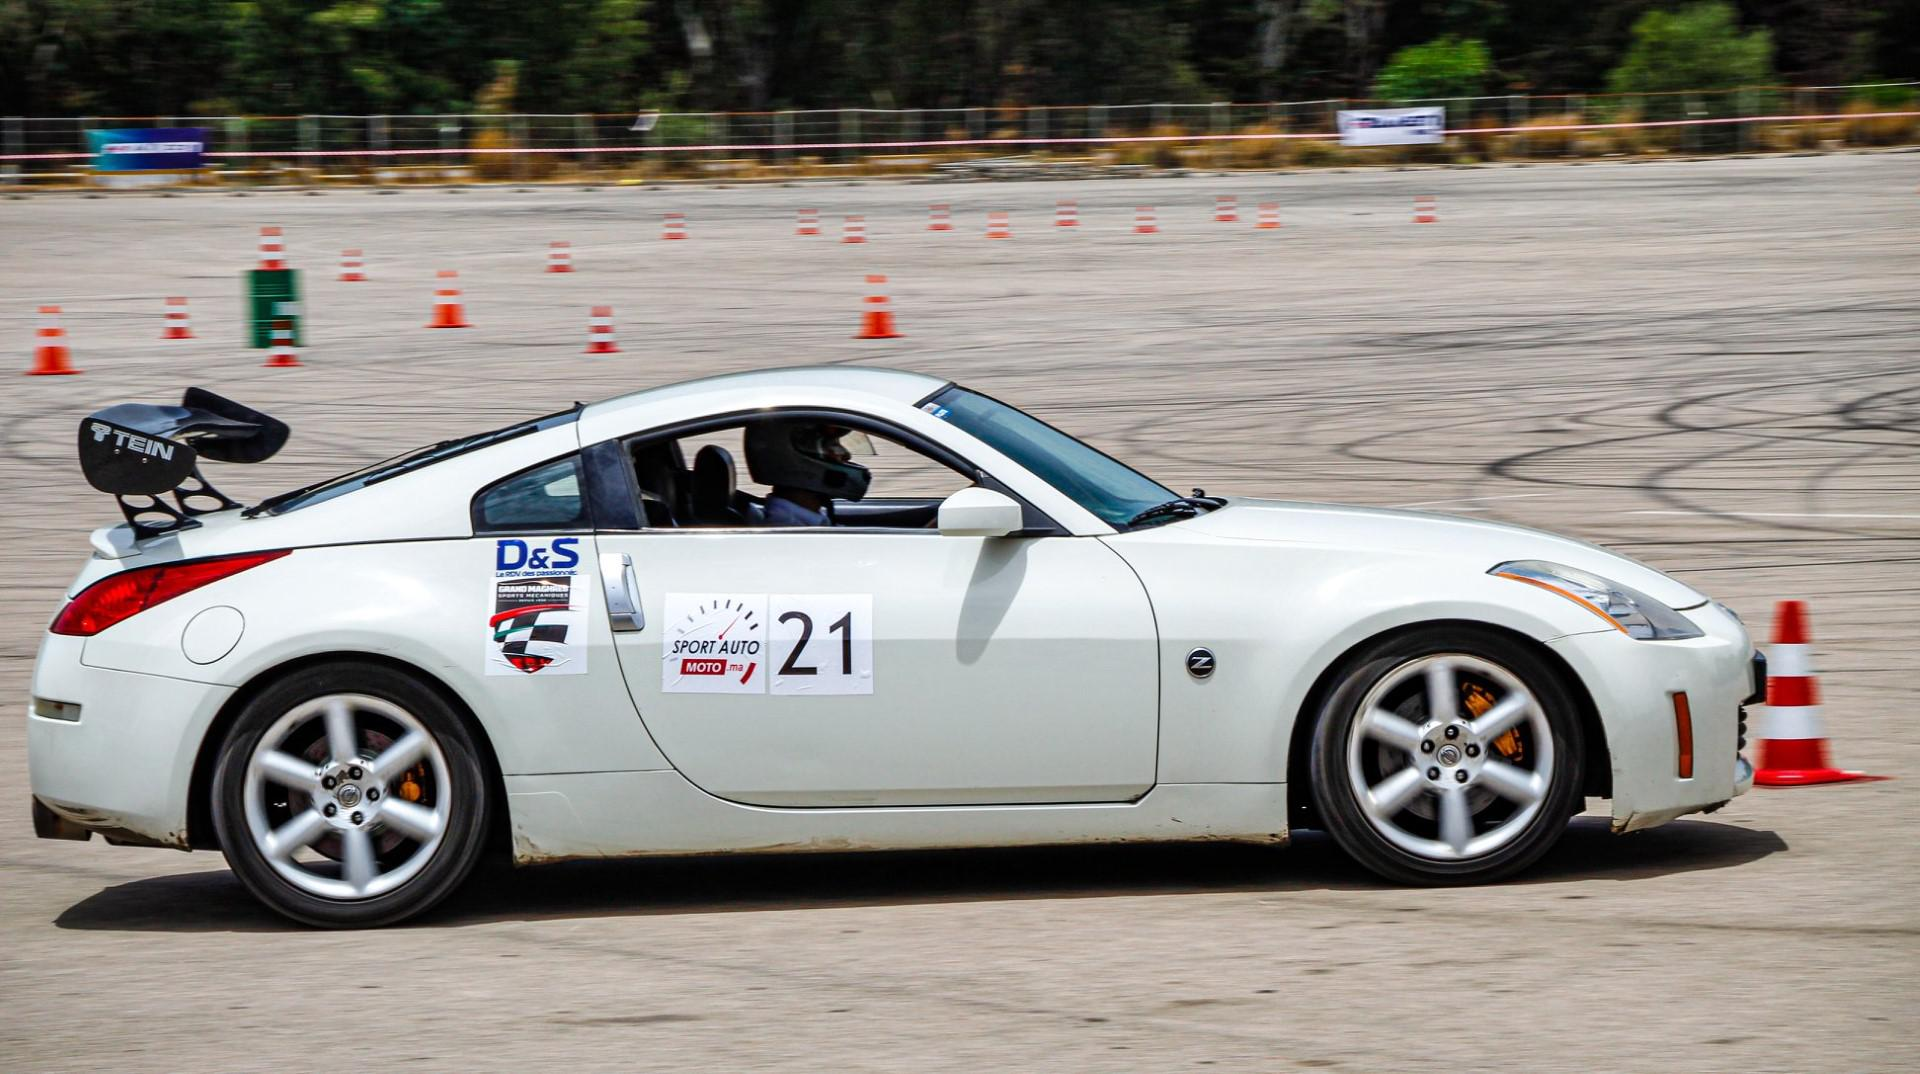 preparer-une-voiture-pour-la-course-au-maroc-1255-72.jpg